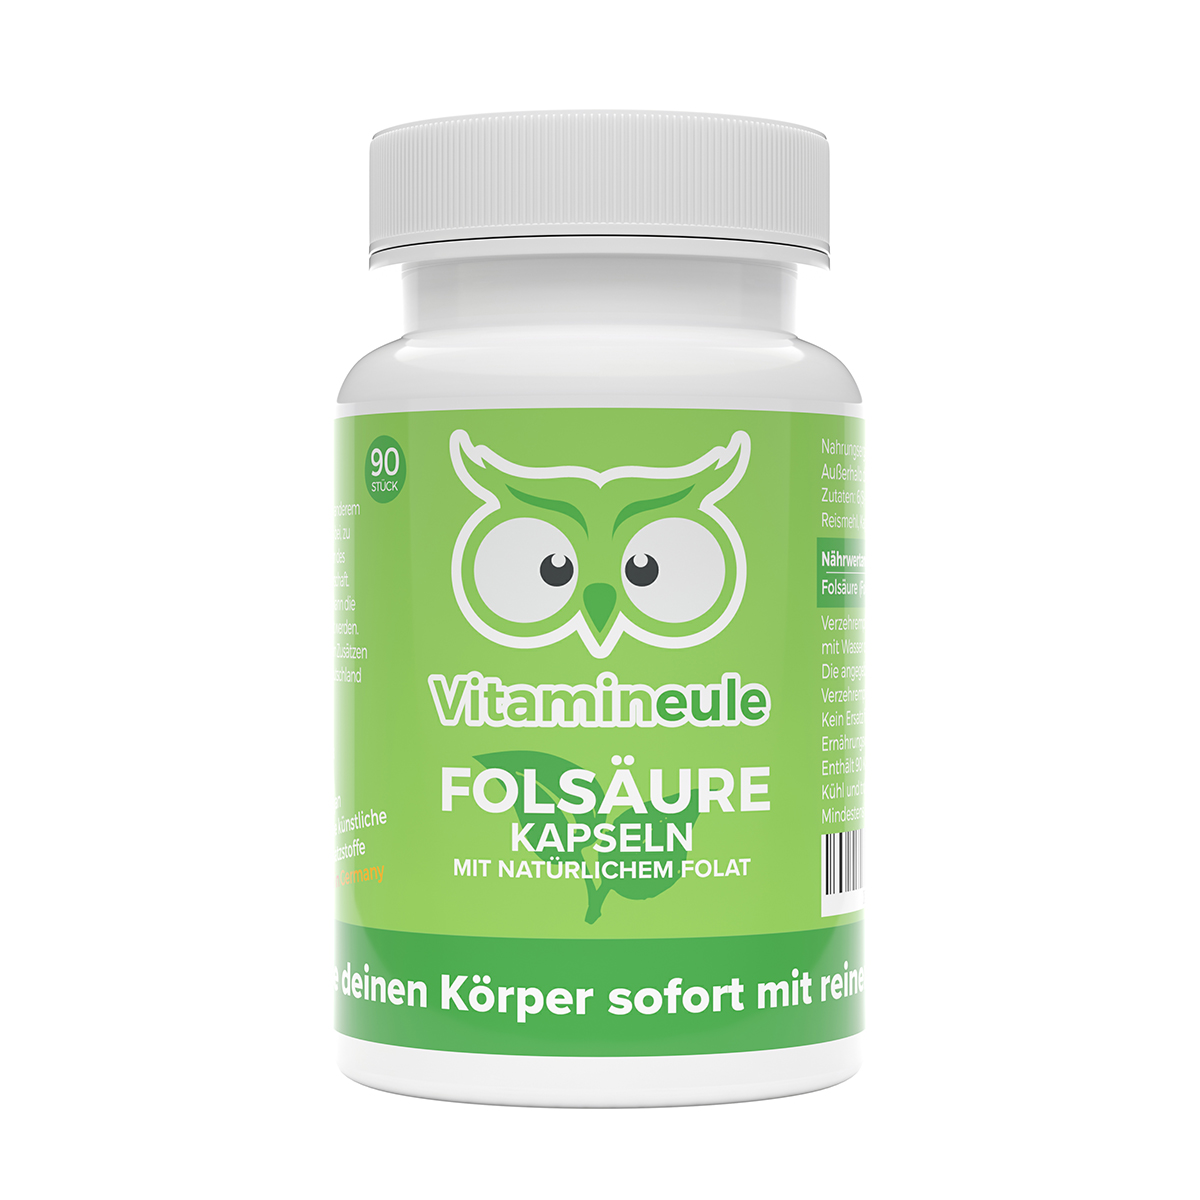 Folsäure Kapseln von Vitamineule